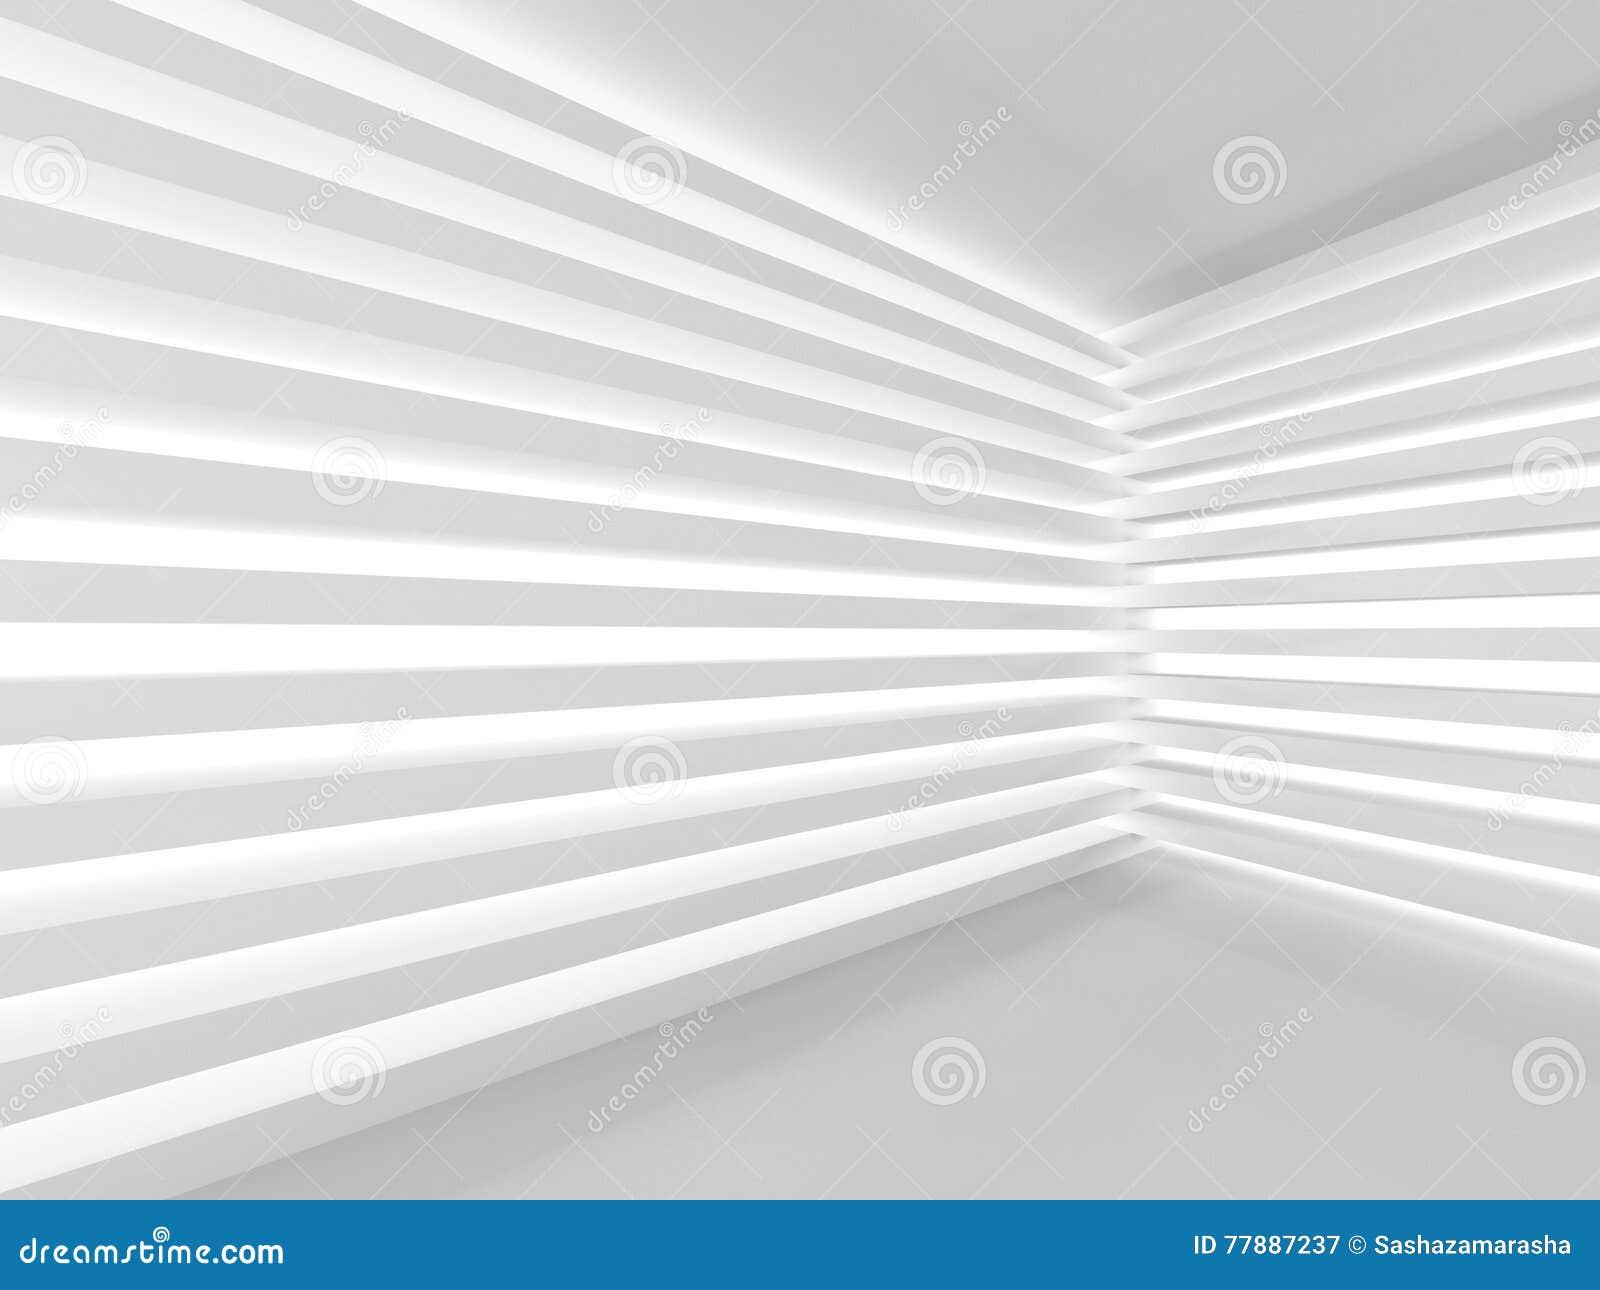 Verführerisch Muster Wand Sammlung Von Moderner Innenraum-streifen-muster-wand-hintergrund